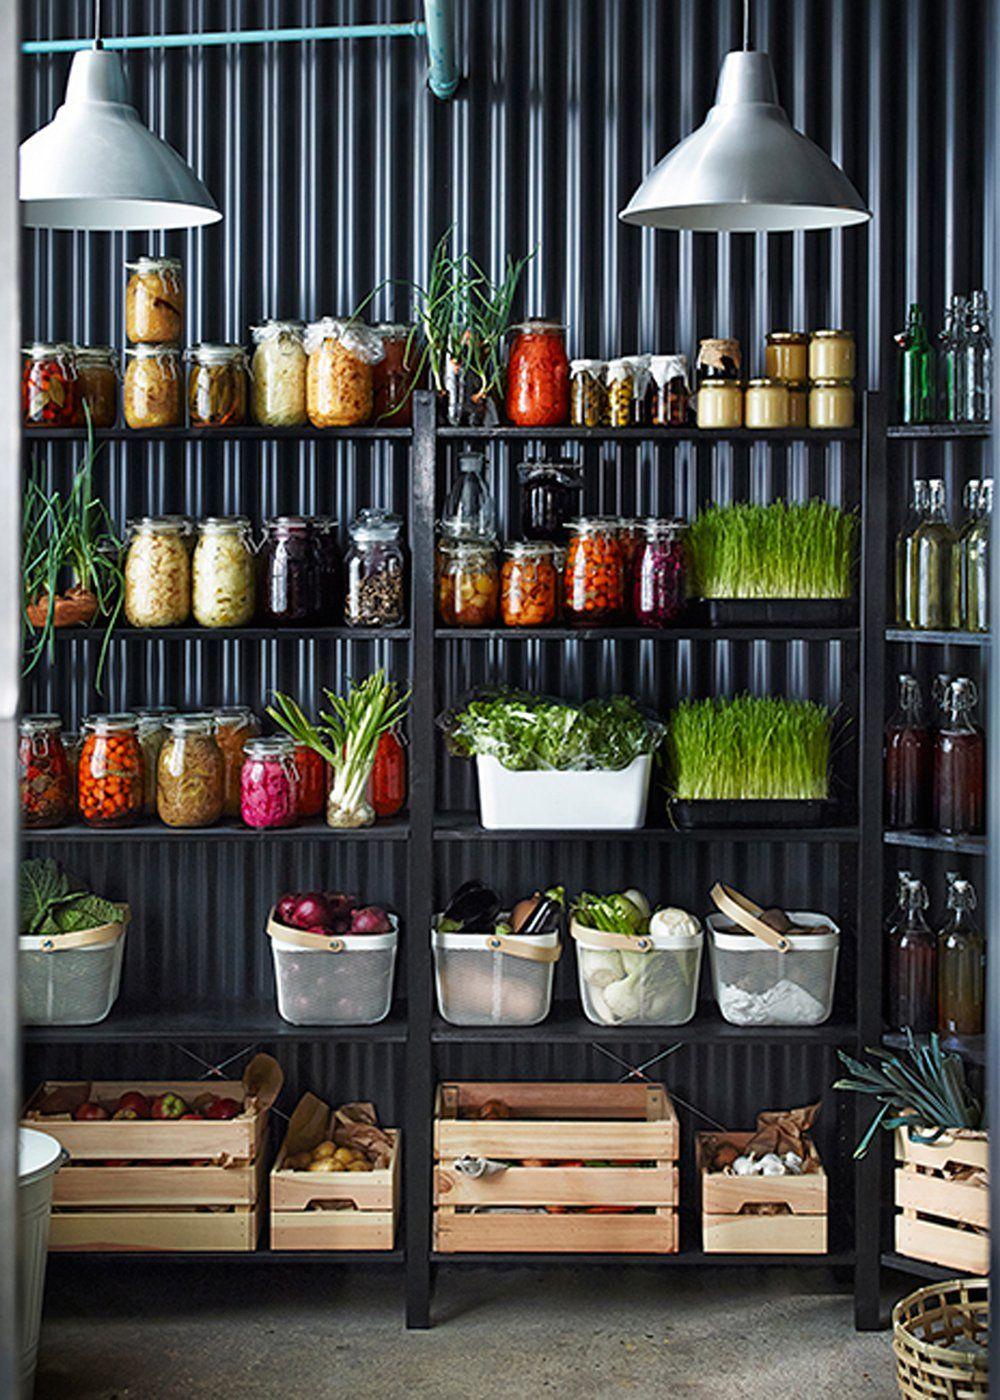 Des rangements pratiques   Rangement cellier, Inspiration ikea, Ikea